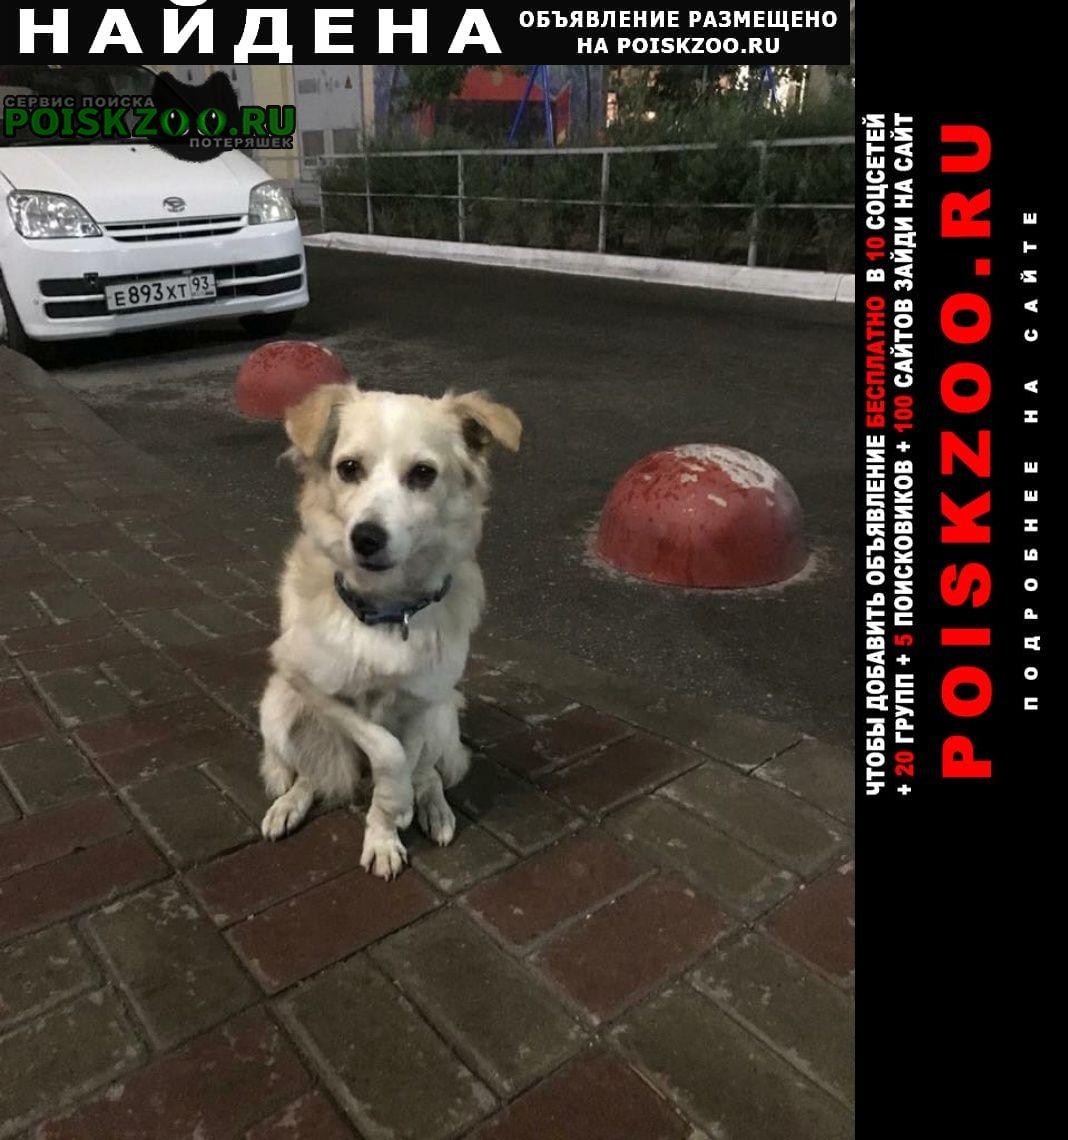 Найдена собака молодая сука с травмированной лапой Краснодар